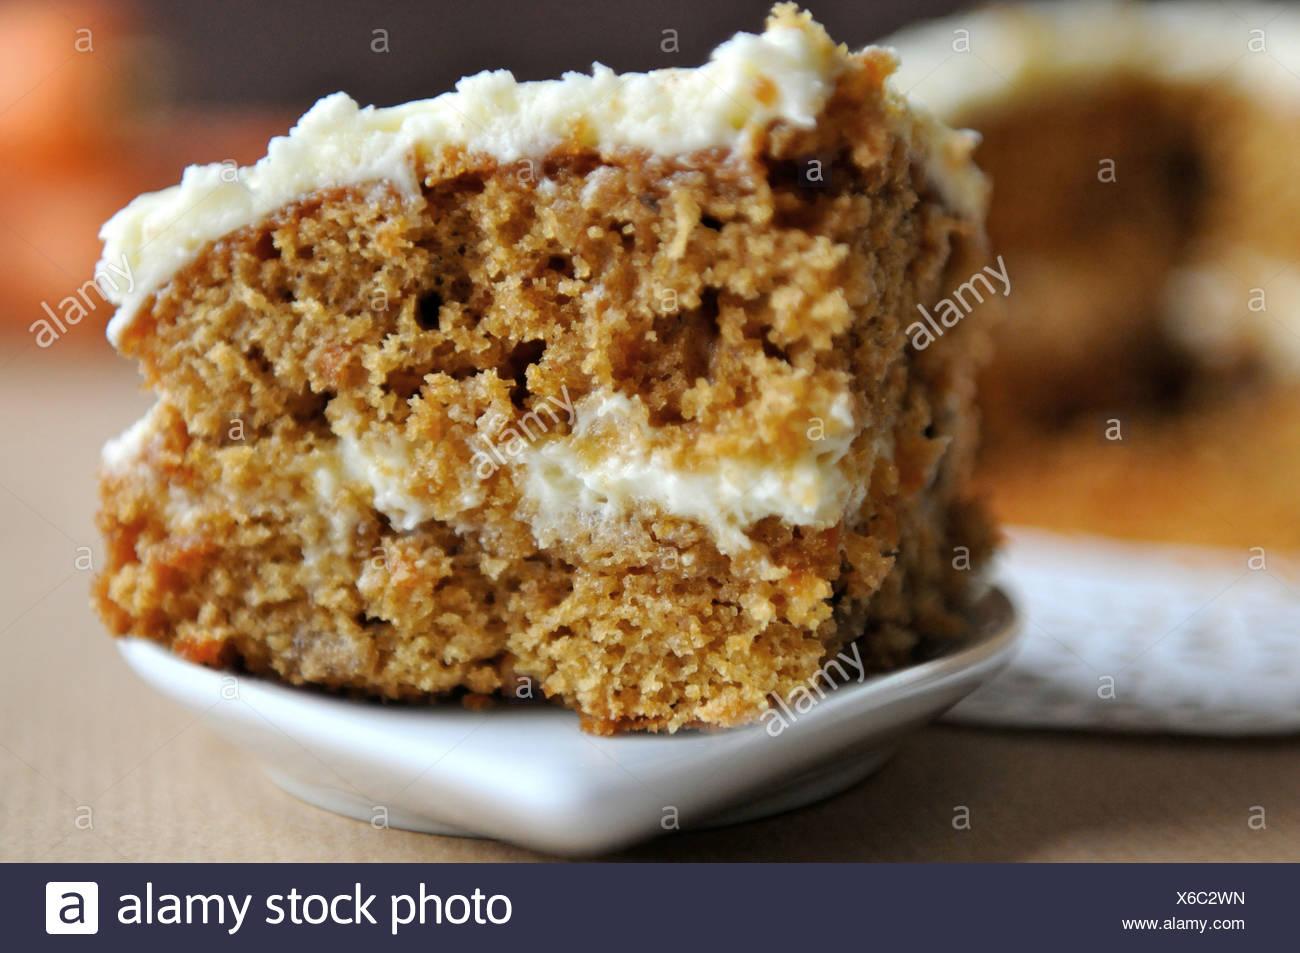 Un singolo pezzo di torta di carote su una piastra bianca Immagini Stock